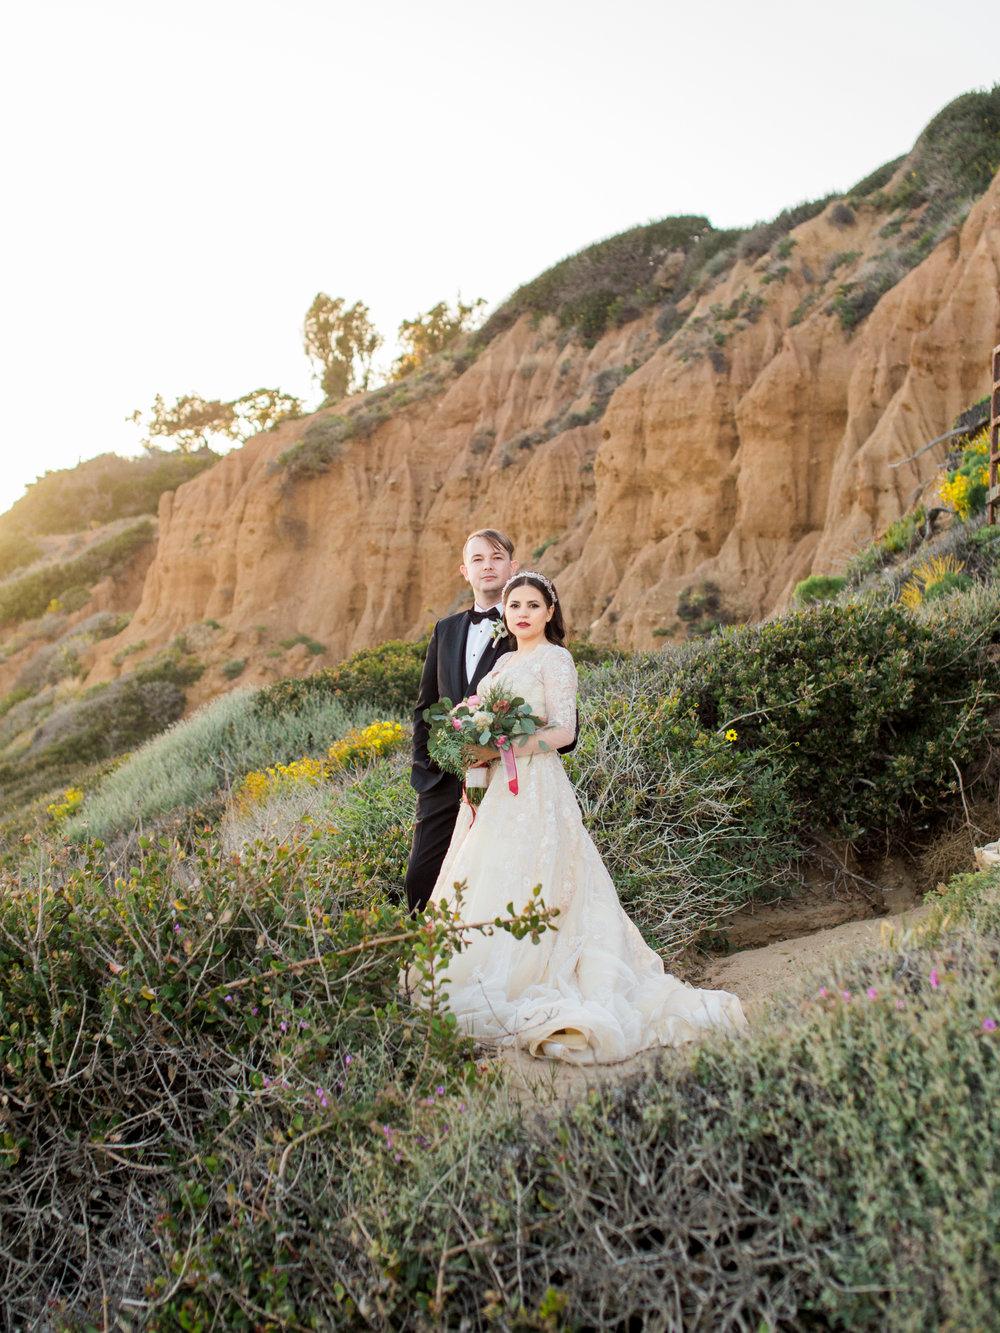 dennisroycoronel_orcutt_ranch_wedding_malibu_beach_el_matador-46.jpg